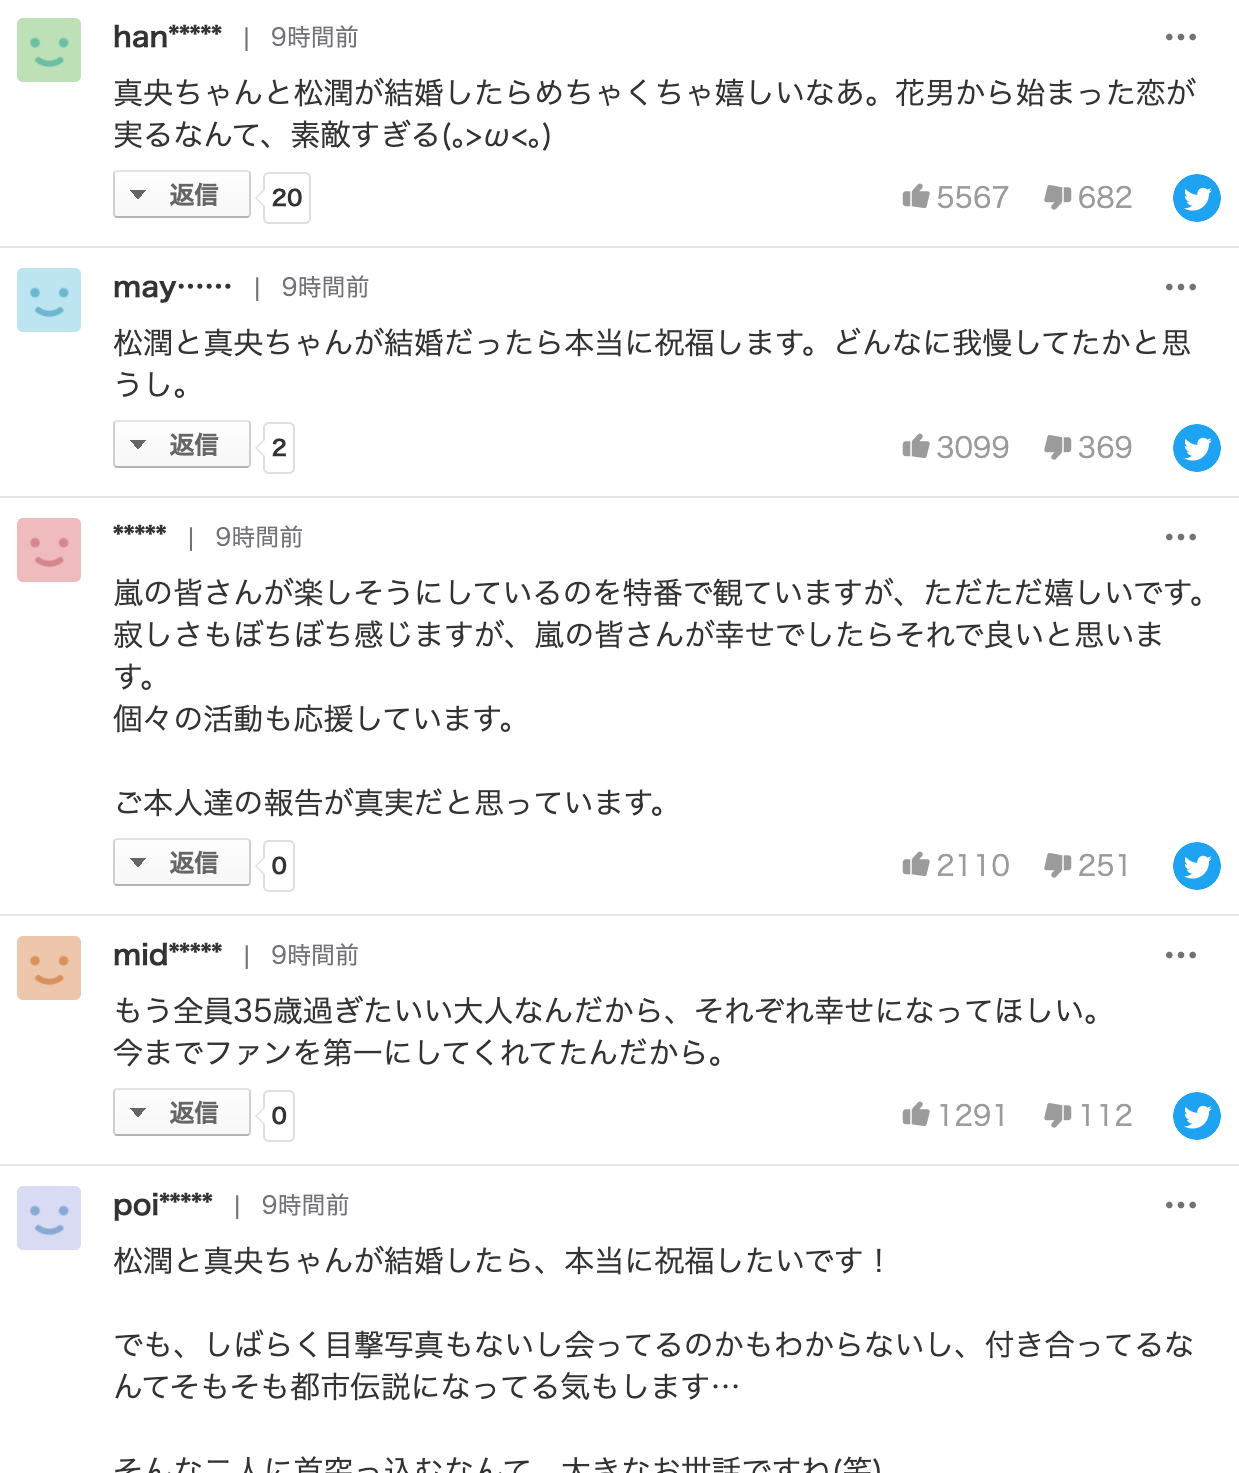 松本潤と井上真央の結婚祝福コメント